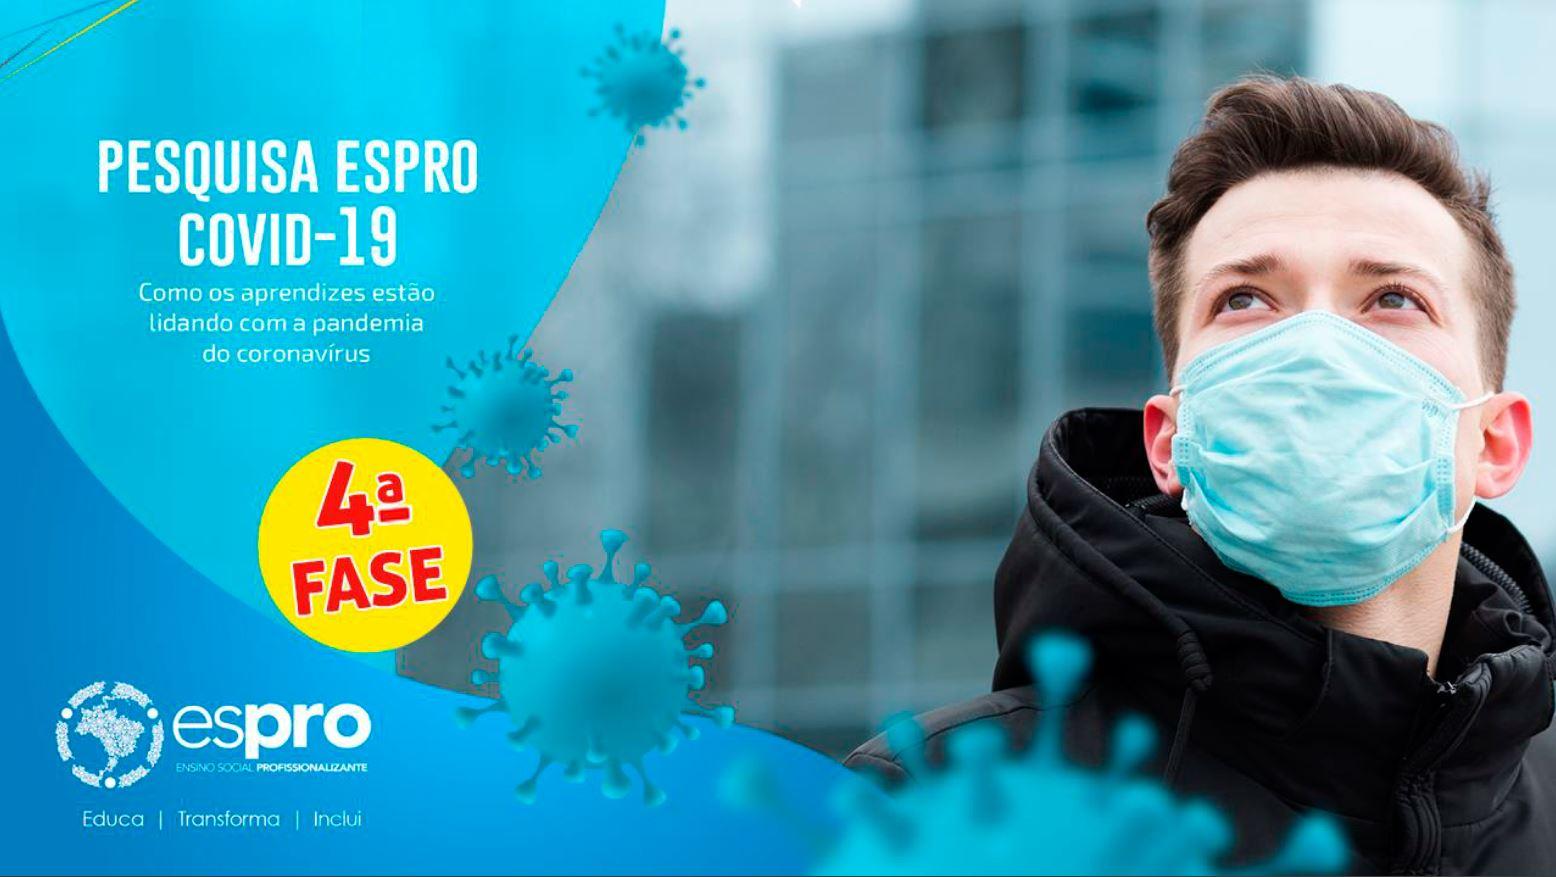 Aprendiz Espro começa a retornar à atividade presencial nas  empresas, aponta pesquisa